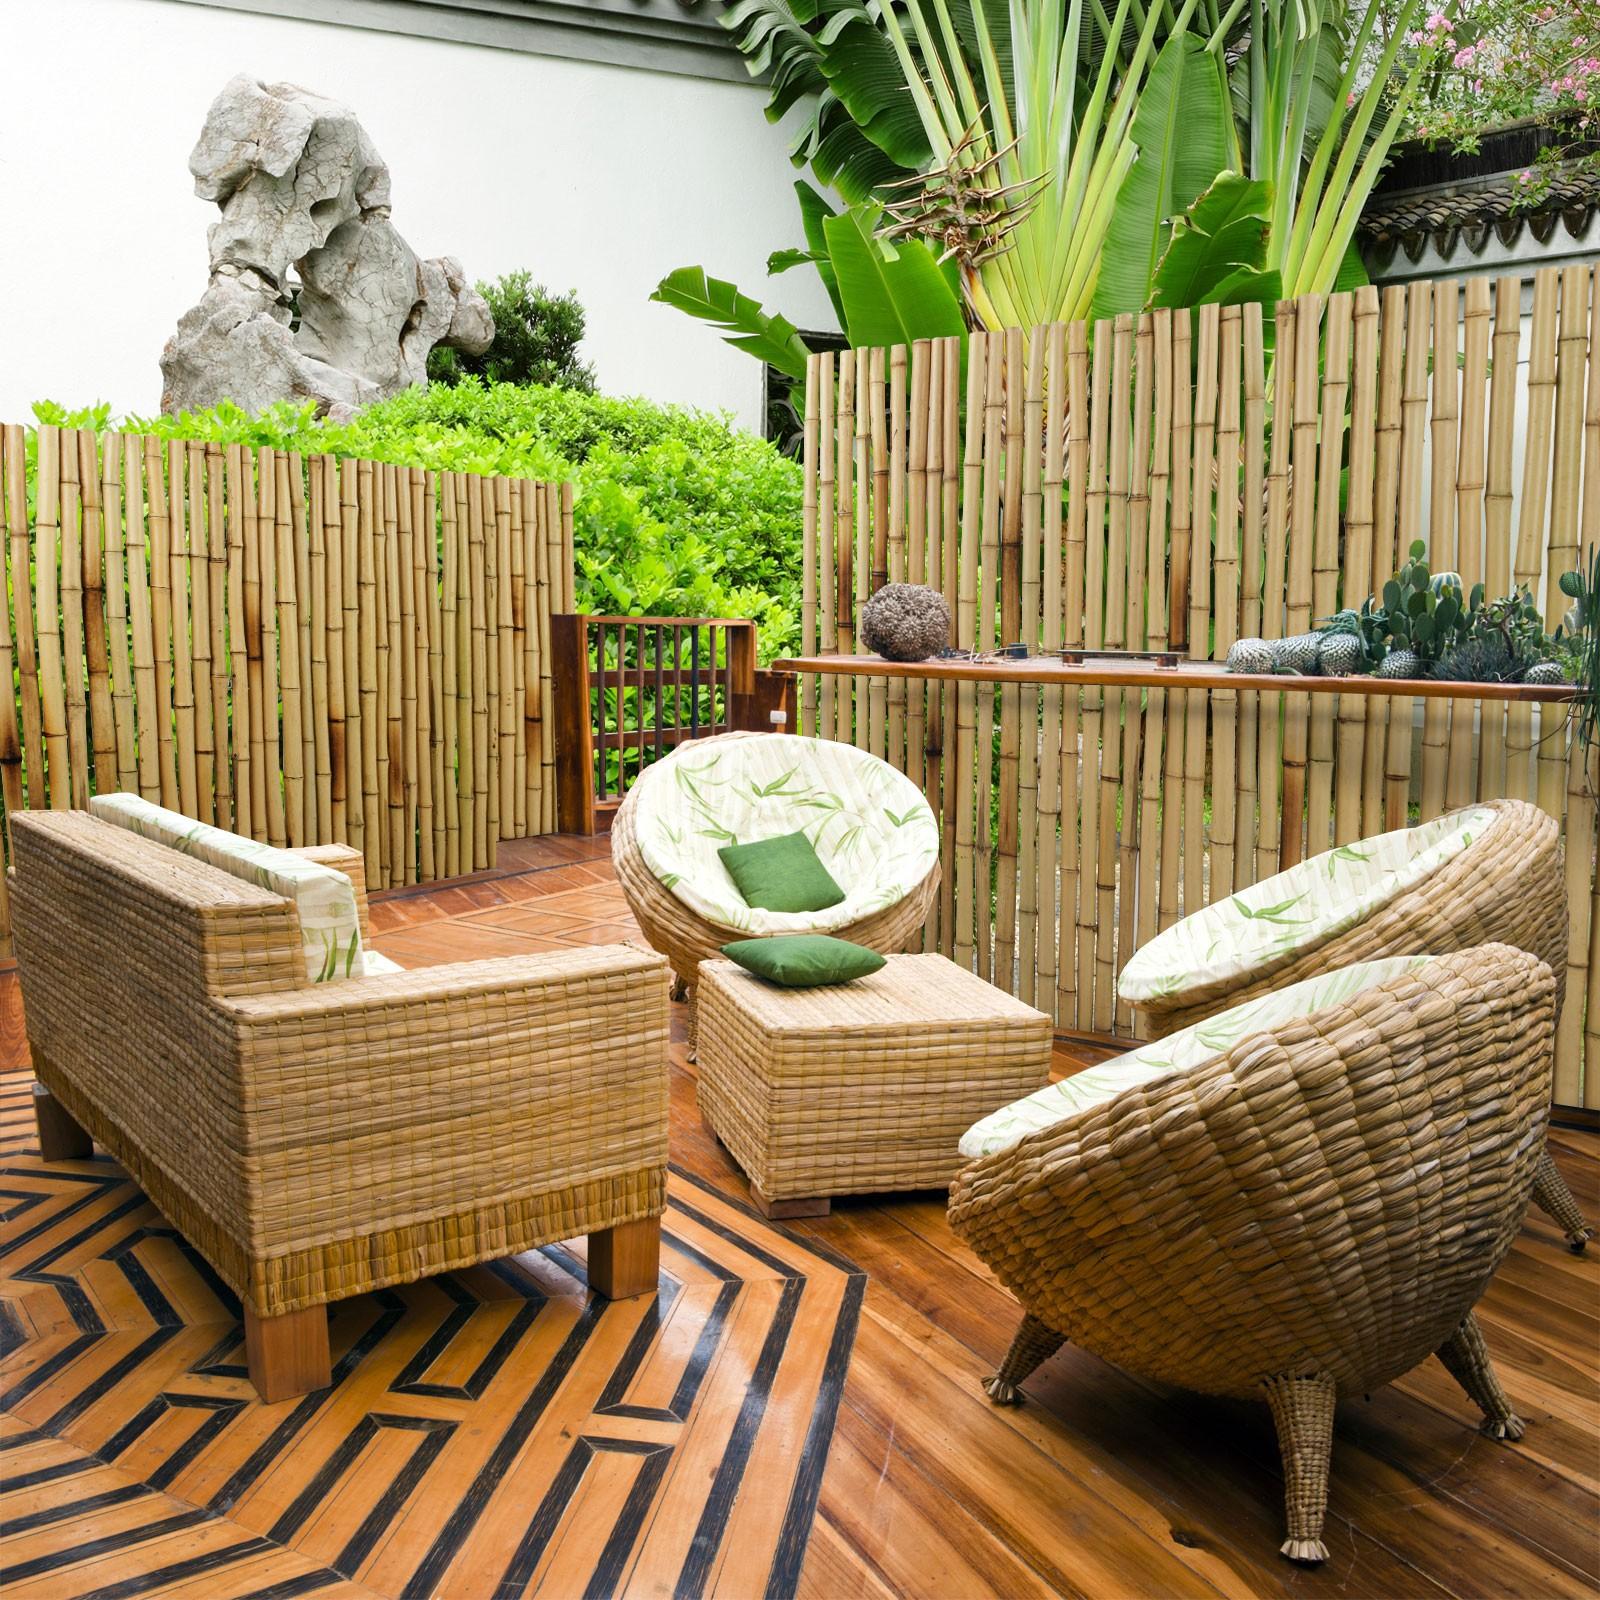 Full Size of Sichtschutz Garten Bambus Natur 3 Gren Phyllostachys Glauca Pool Im Bauen Lärmschutzwand Ecksofa Spaten Trennwände Brunnen Aufbewahrungsbox Und Garten Sichtschutz Garten